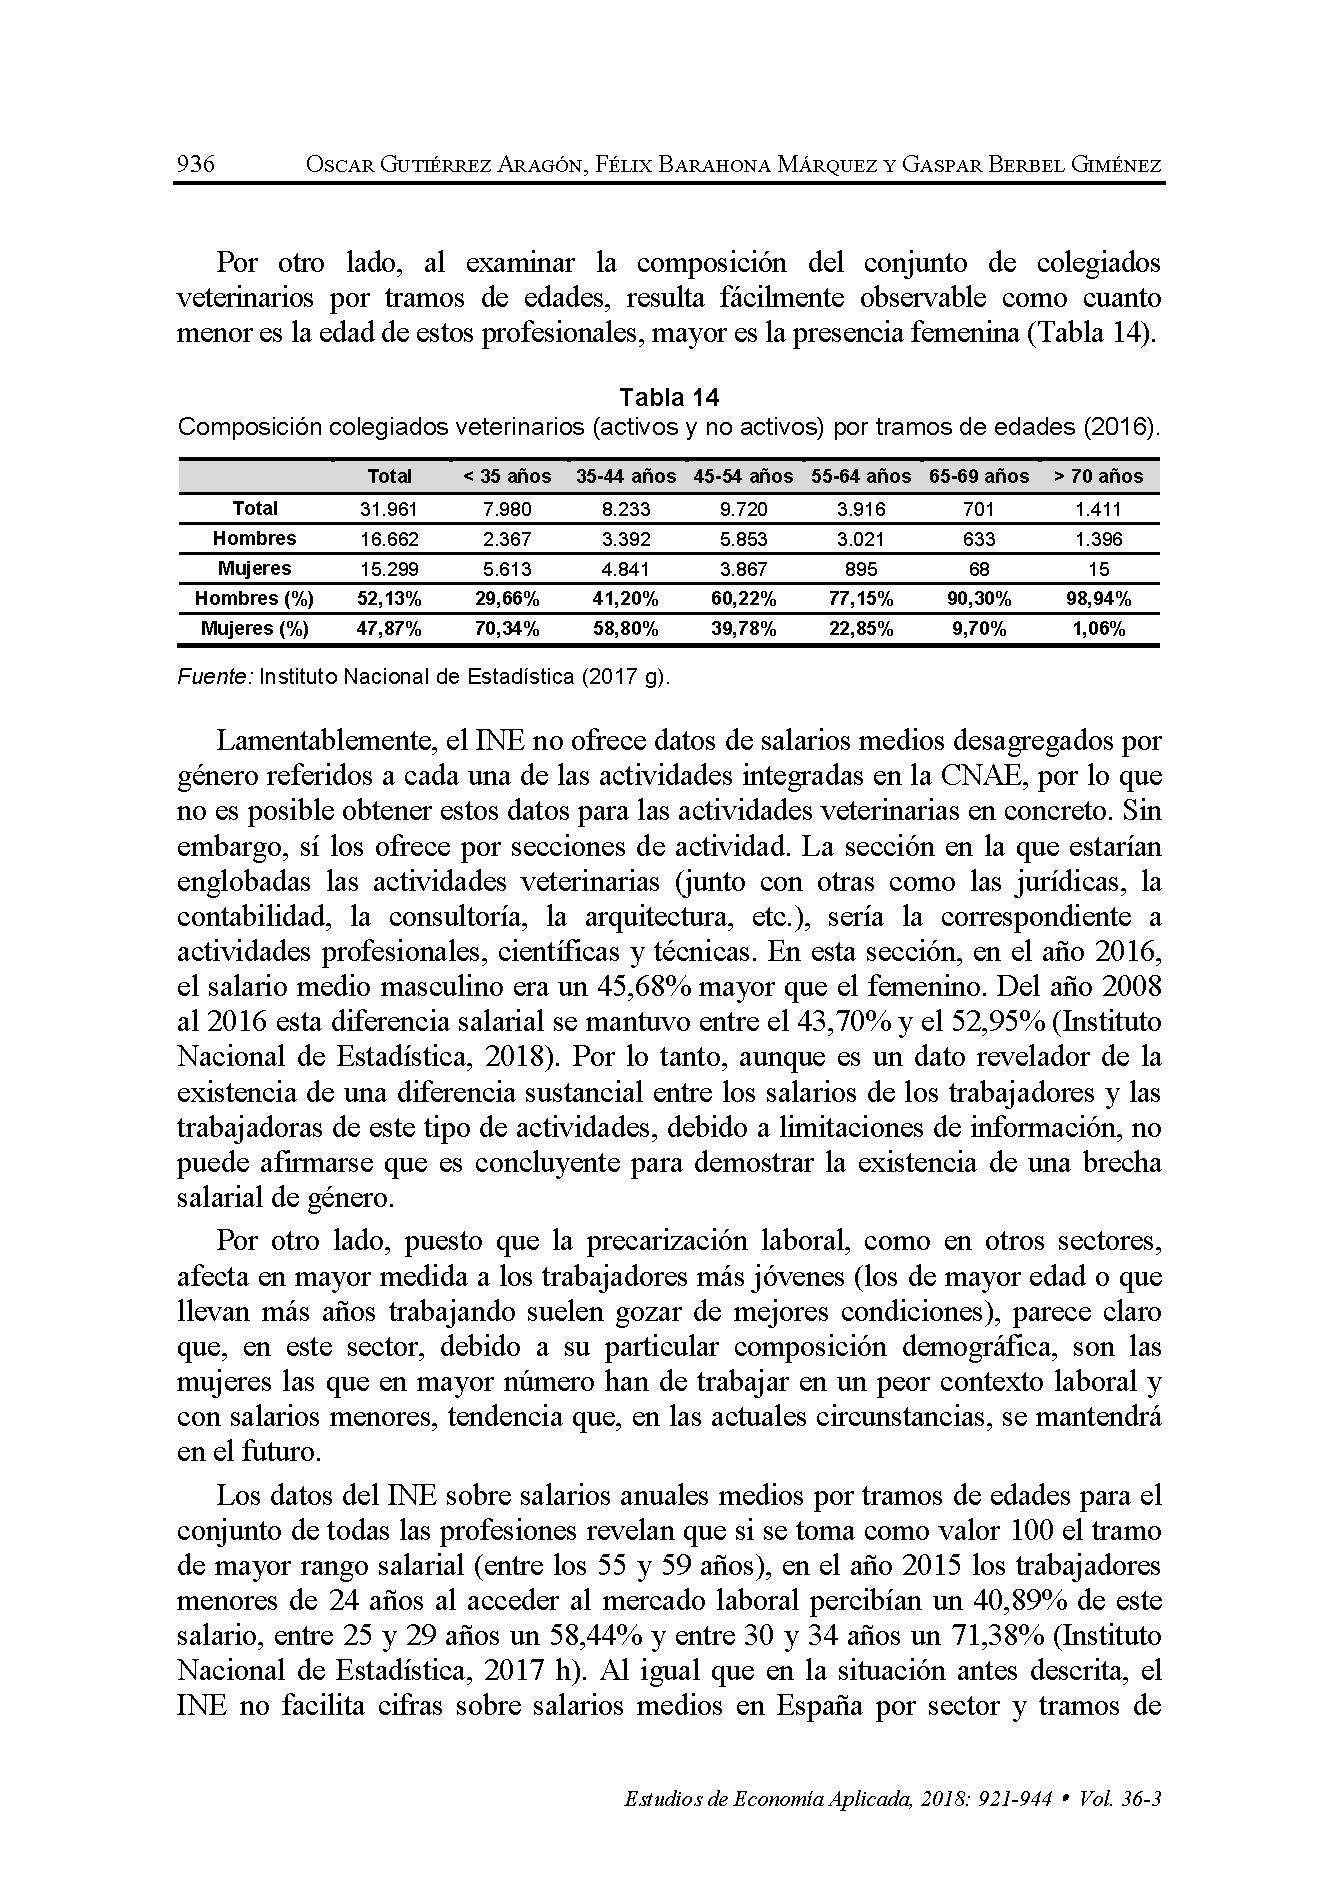 Efectos incremento IVA sobre condiciones laborales sector veterinario (EEA)_Página_16